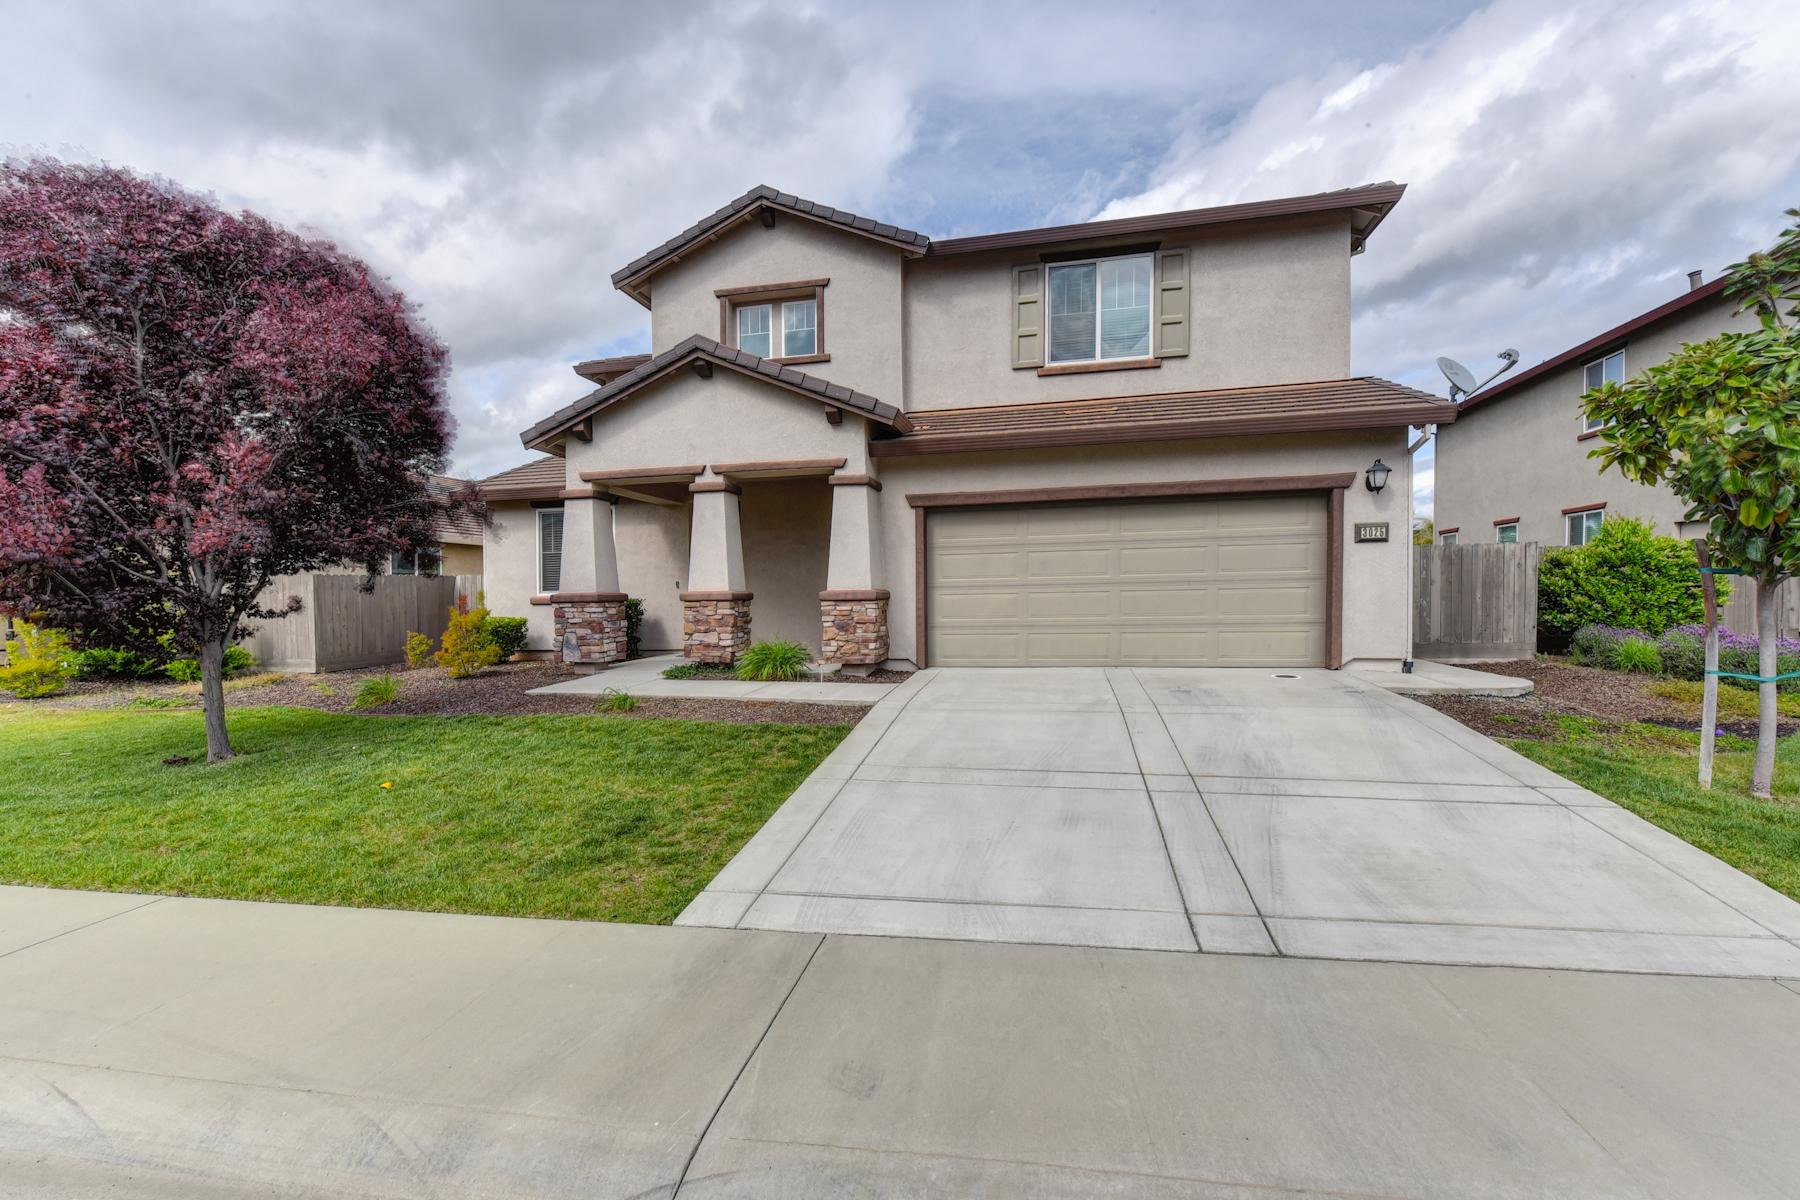 Single Family Home for Sale at 3025 Hornby Lane, Roseville, CA 95747 Roseville, California 95747 United States